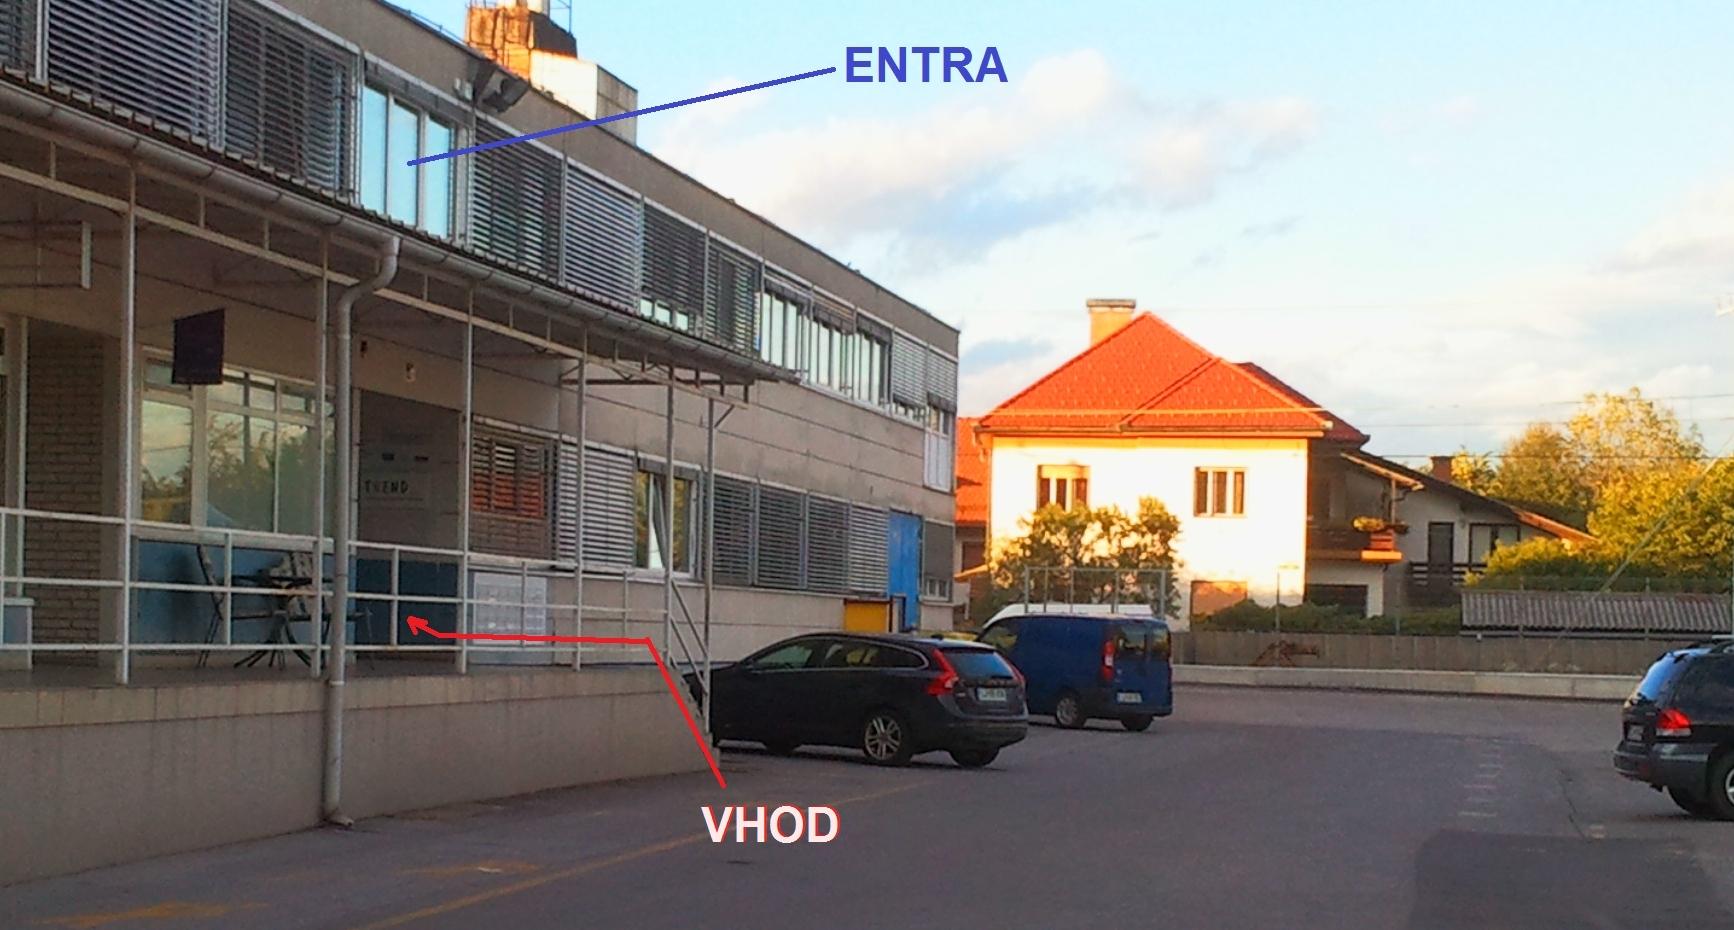 ENTRA, Plemljeva 2, Ljubljana